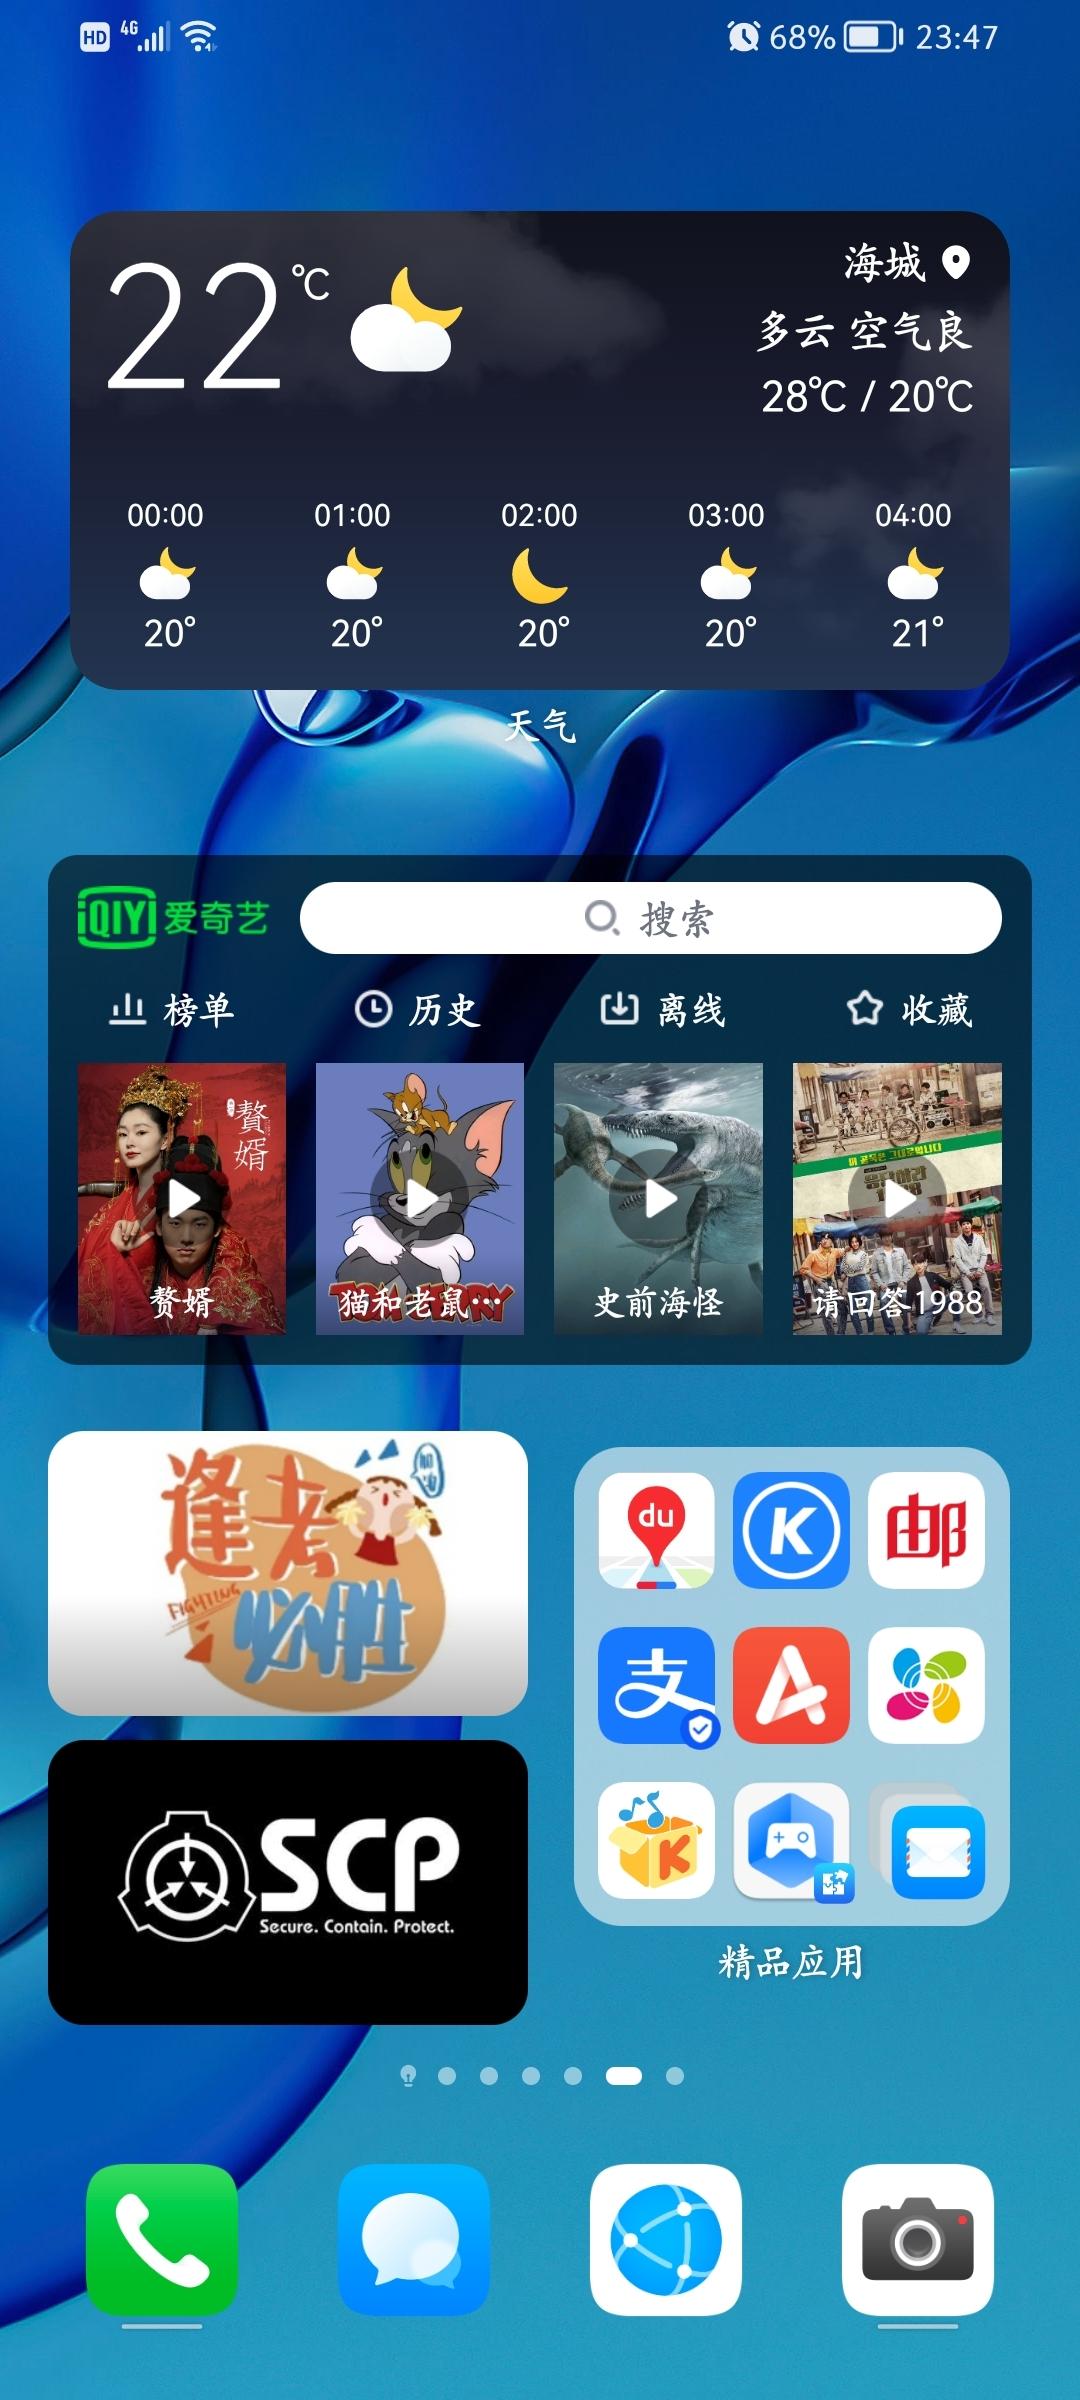 Screenshot_20210806_234721_com.huawei.android.launcher.jpg